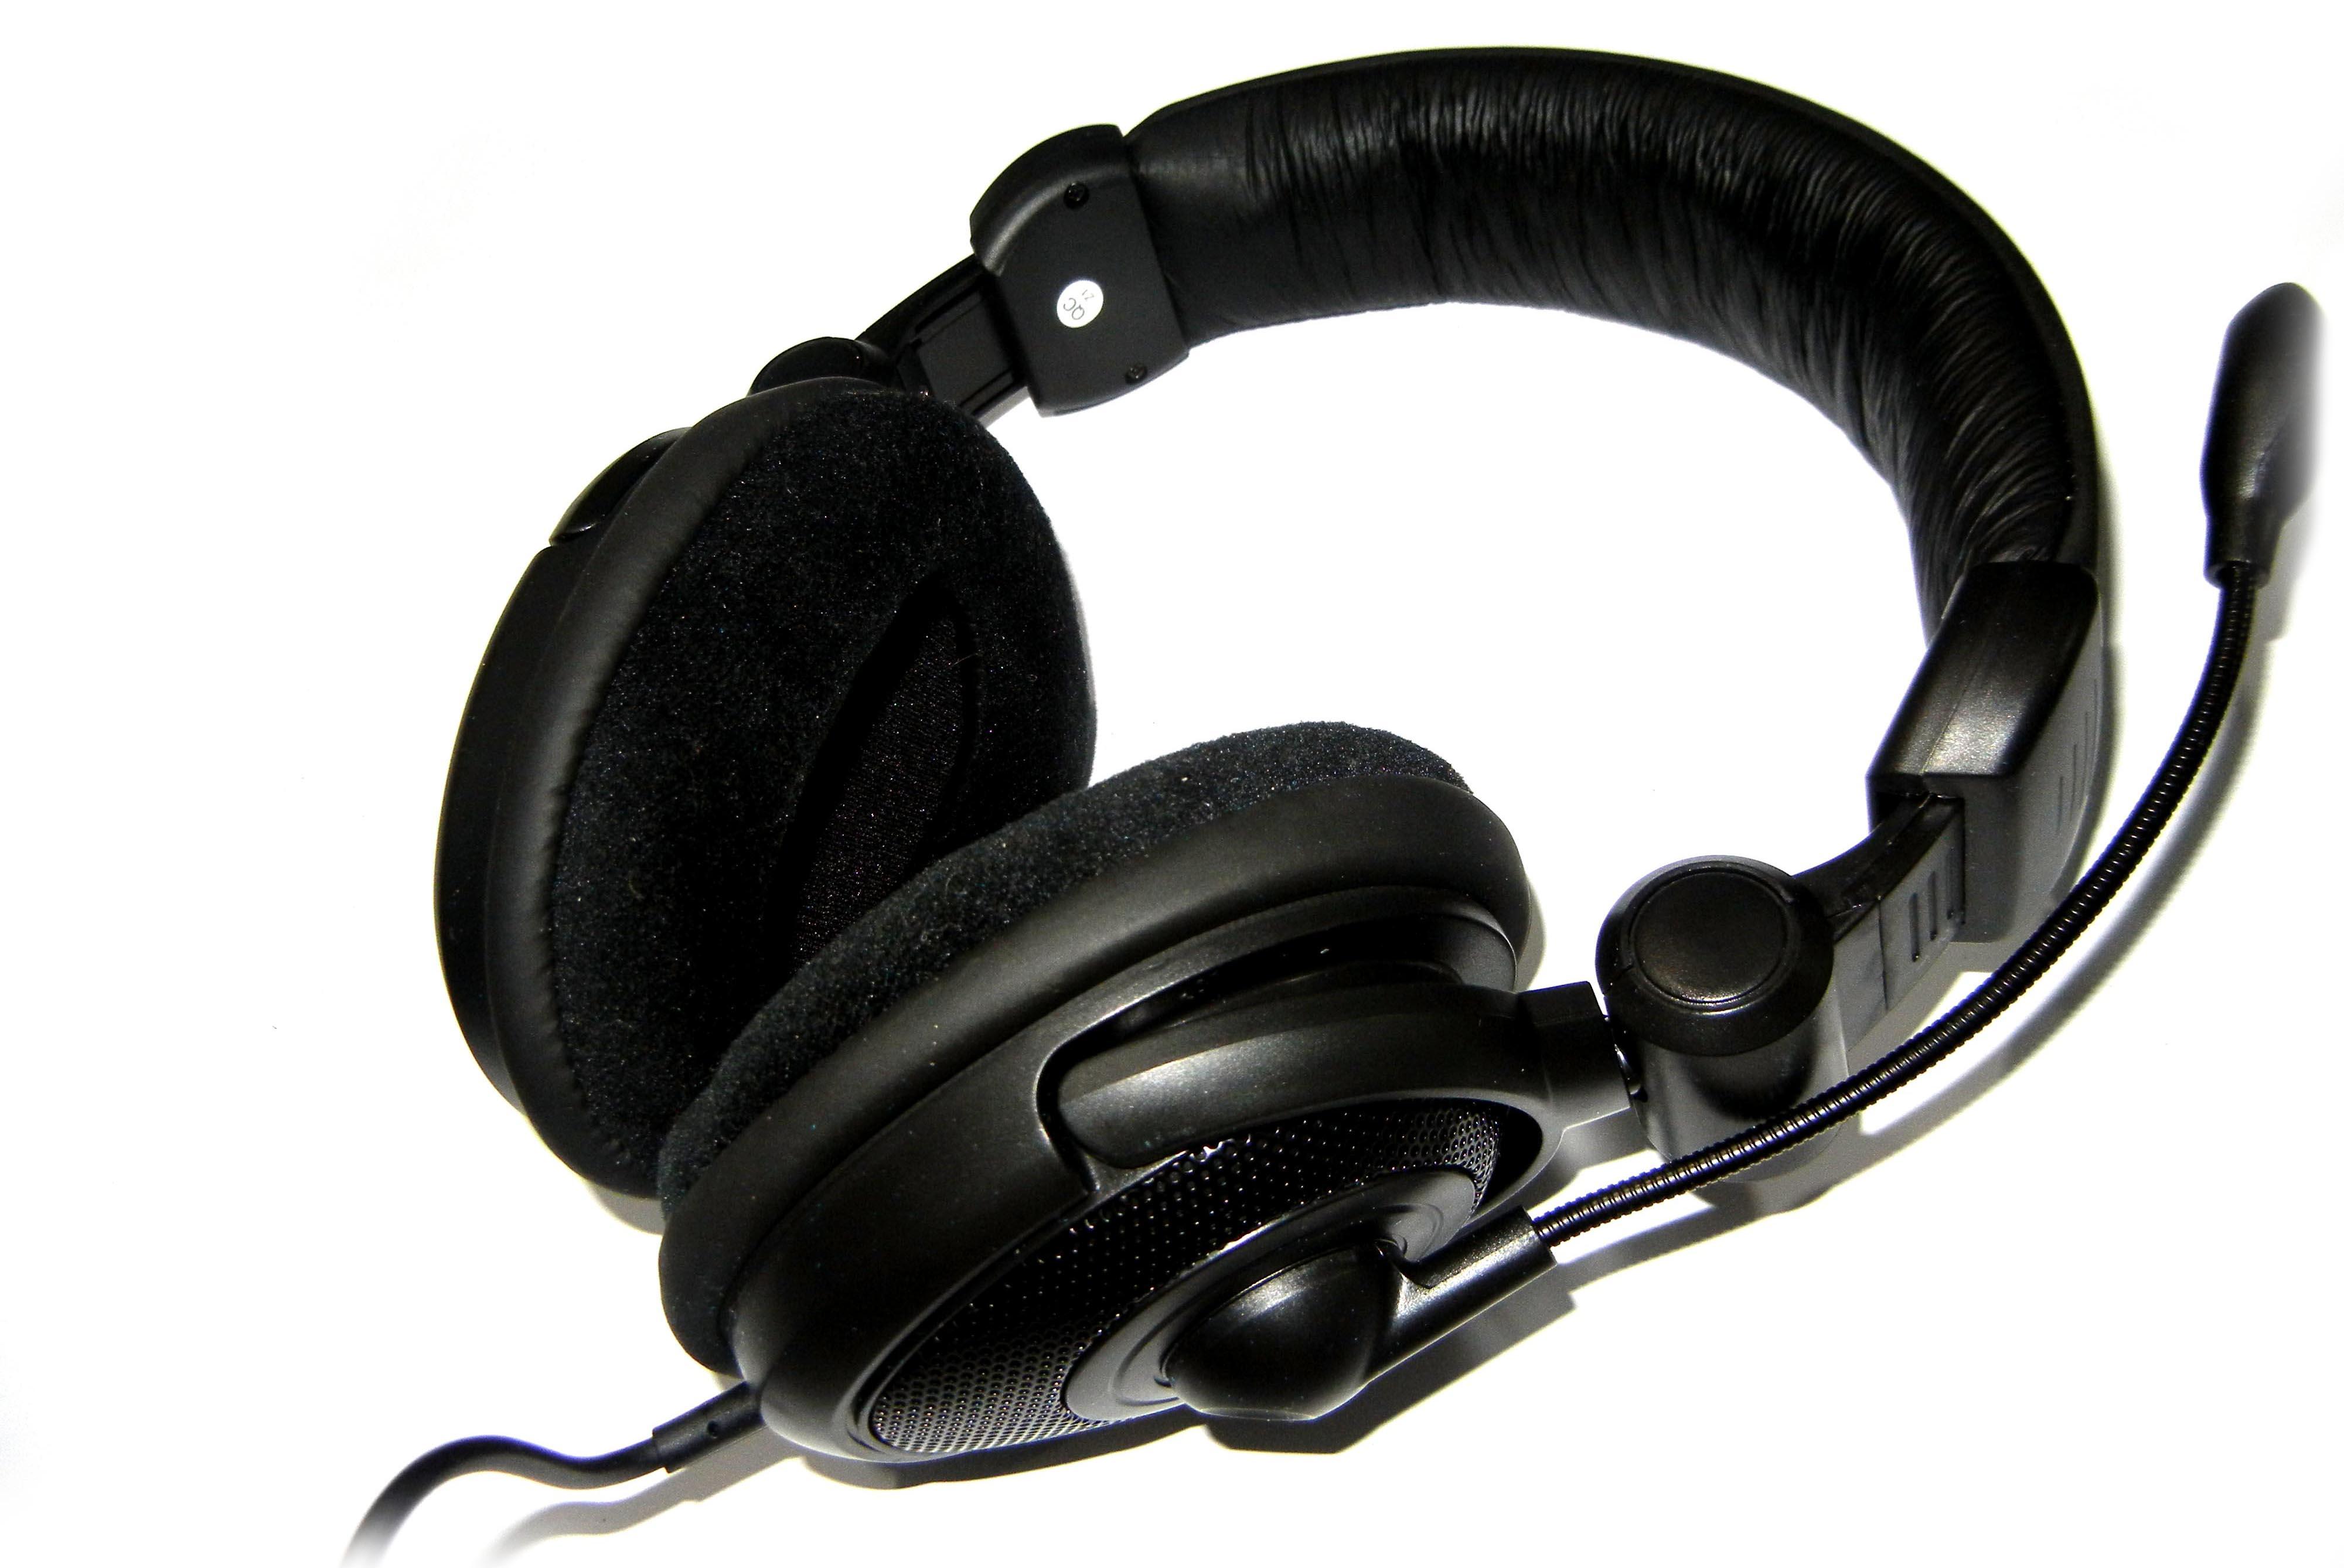 Speedlink-shop   medusa nx 5. 1 surround headset   purchase online.